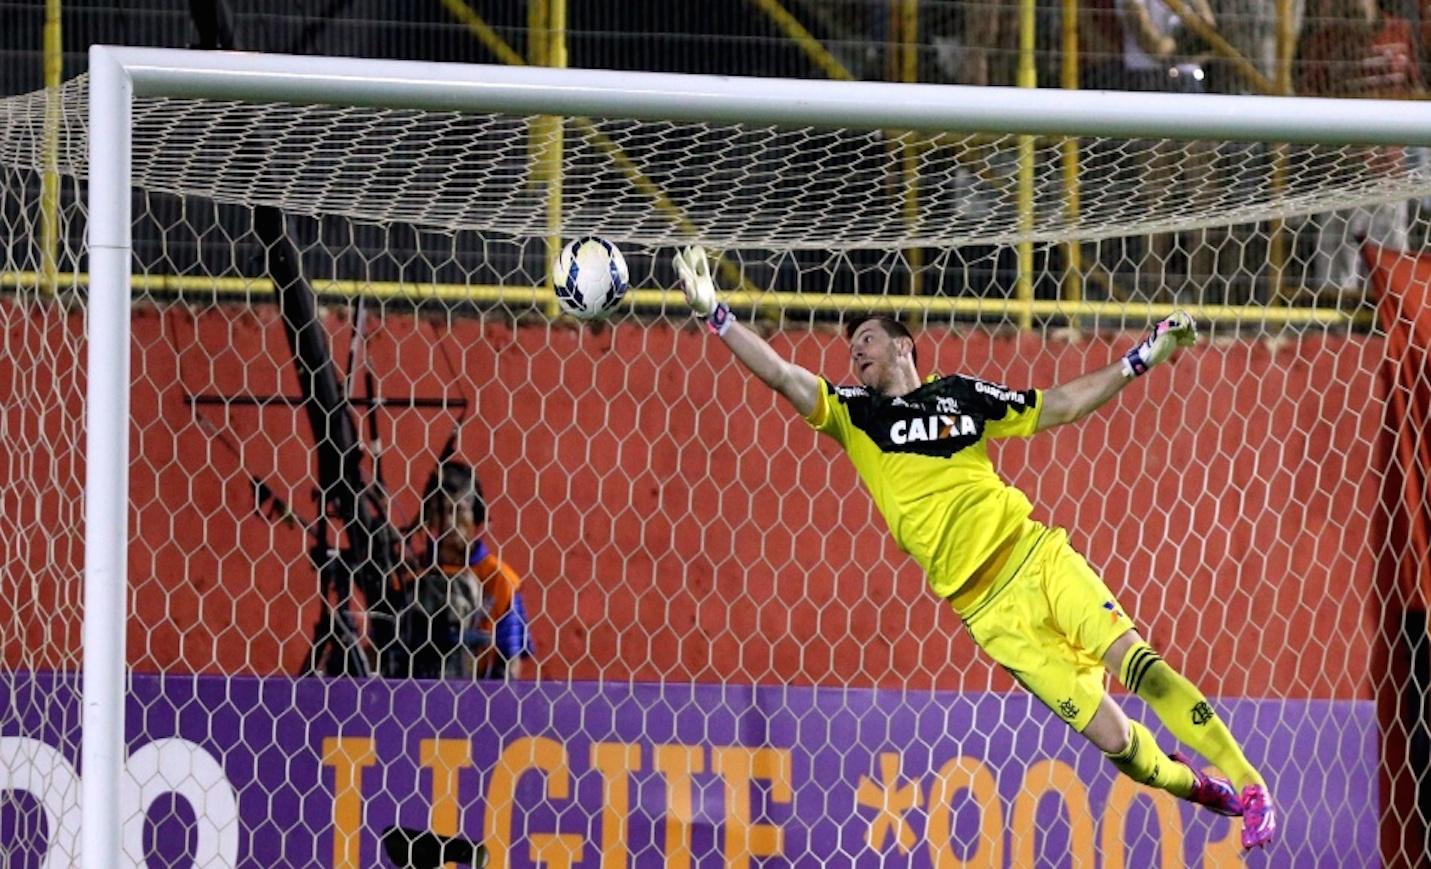 goleiro-paulo-victor-voa-para-defender-finalizacao-durante-jogo-entre-flamengo-e-vitoria-no-barradao-1409527868311_956x500